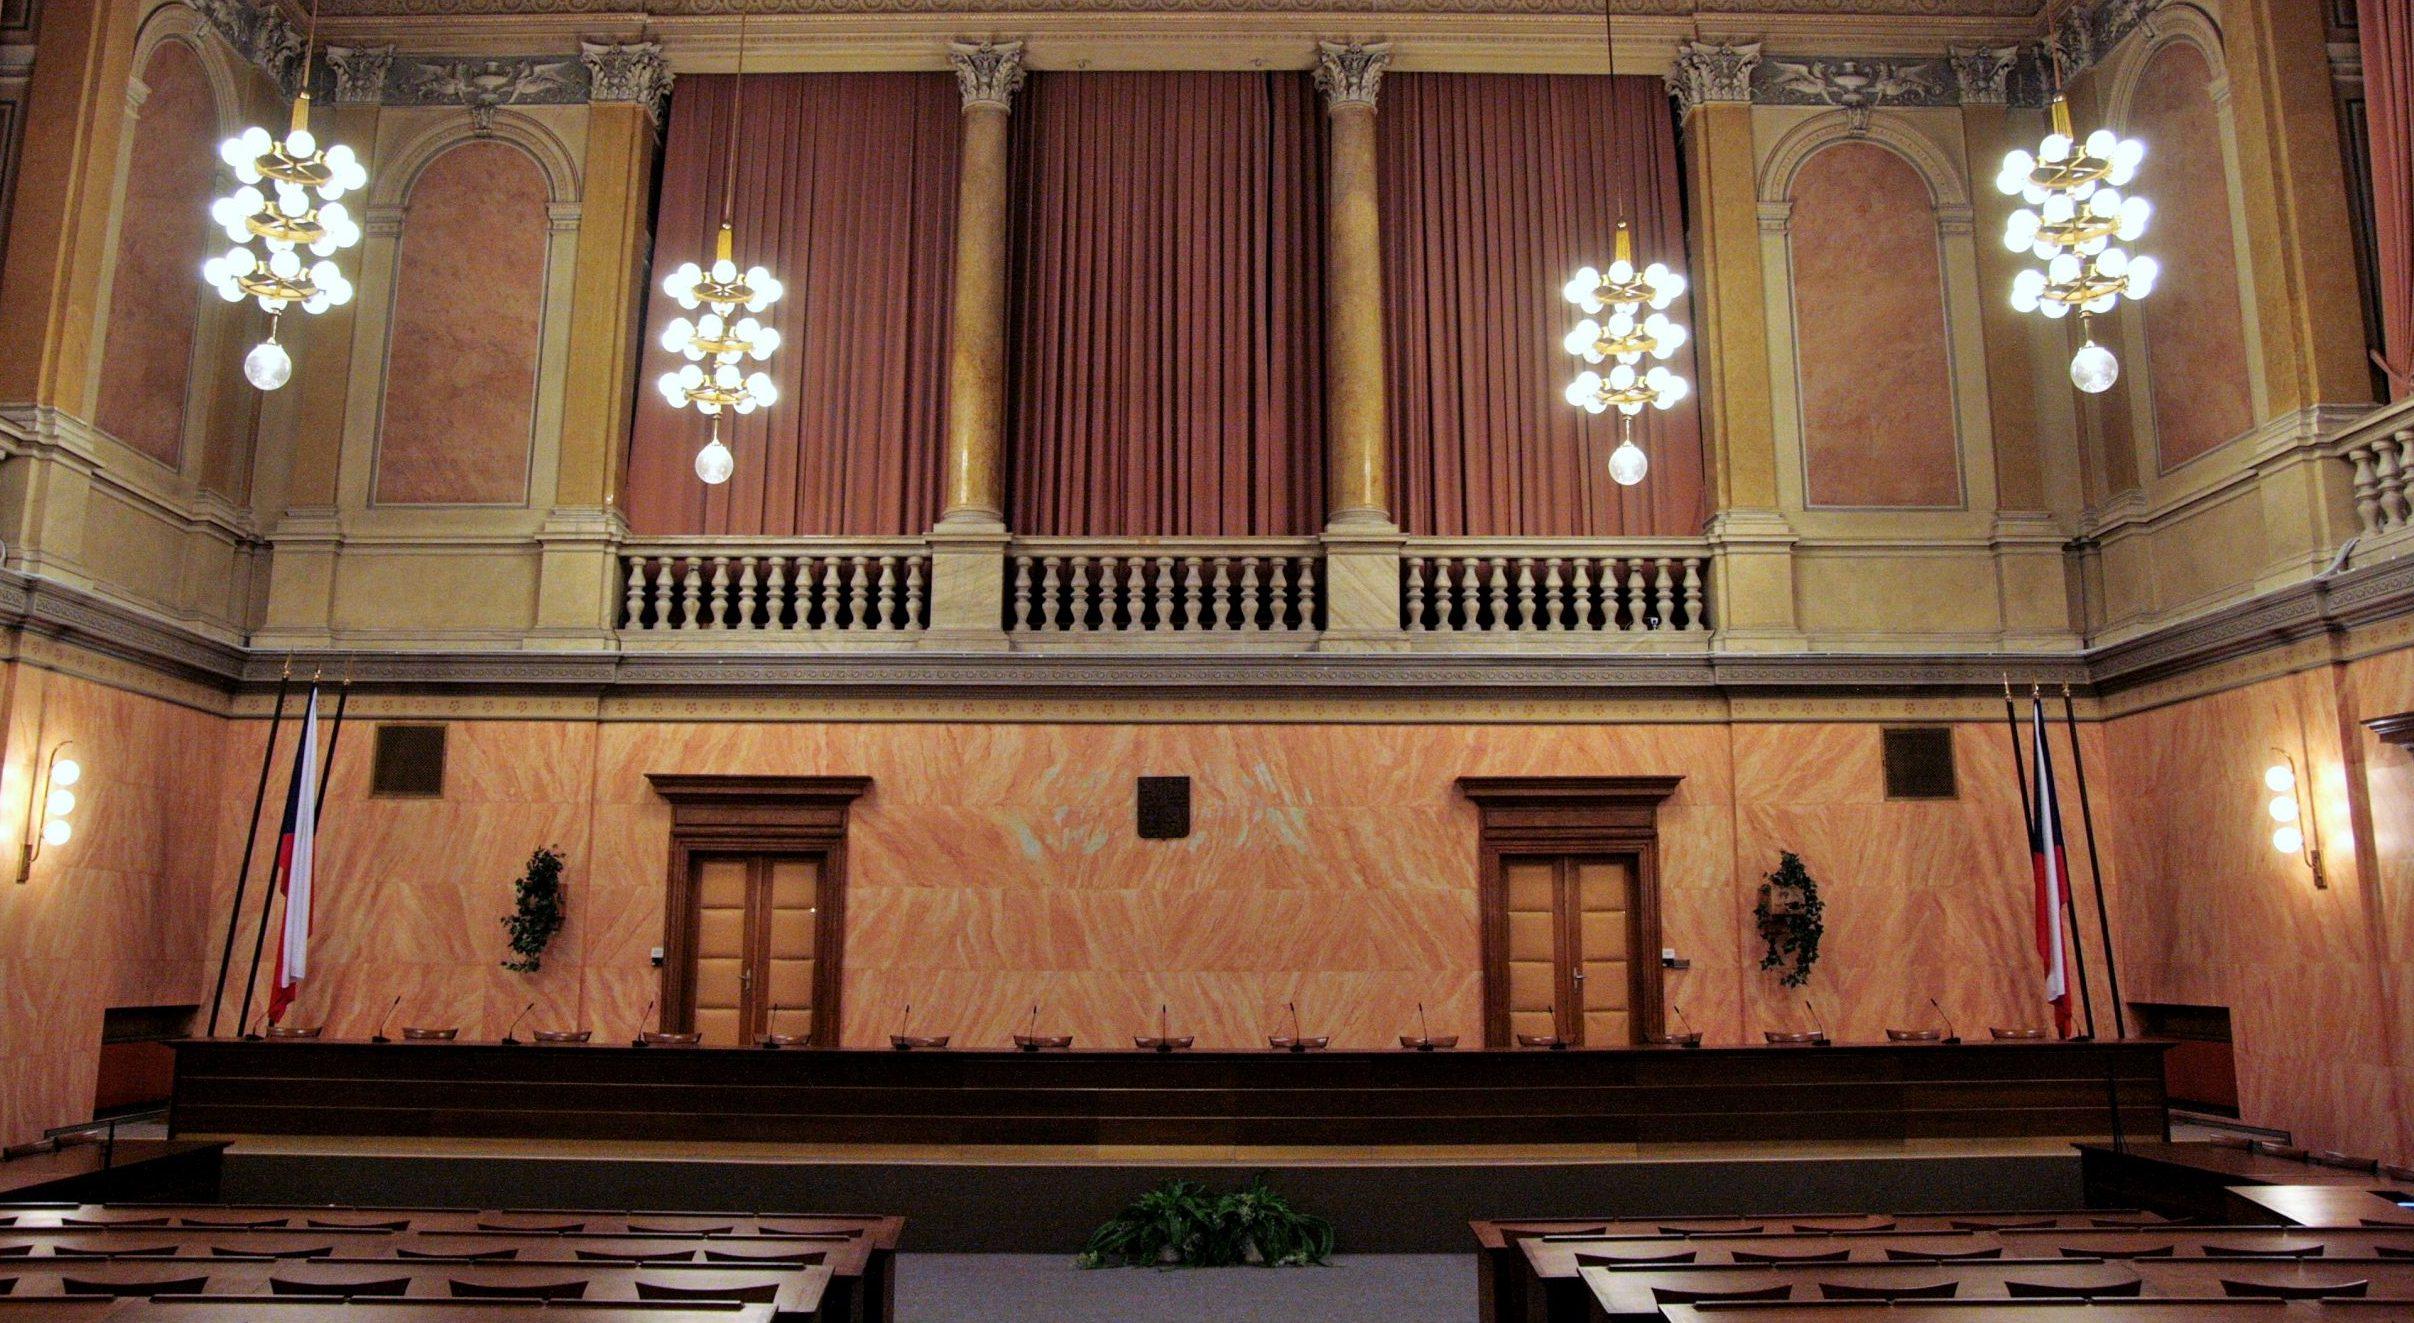 Landtagsgebäude, heute Verfassungsgericht der Tschechischen Republik (Ústavní soud ČR)